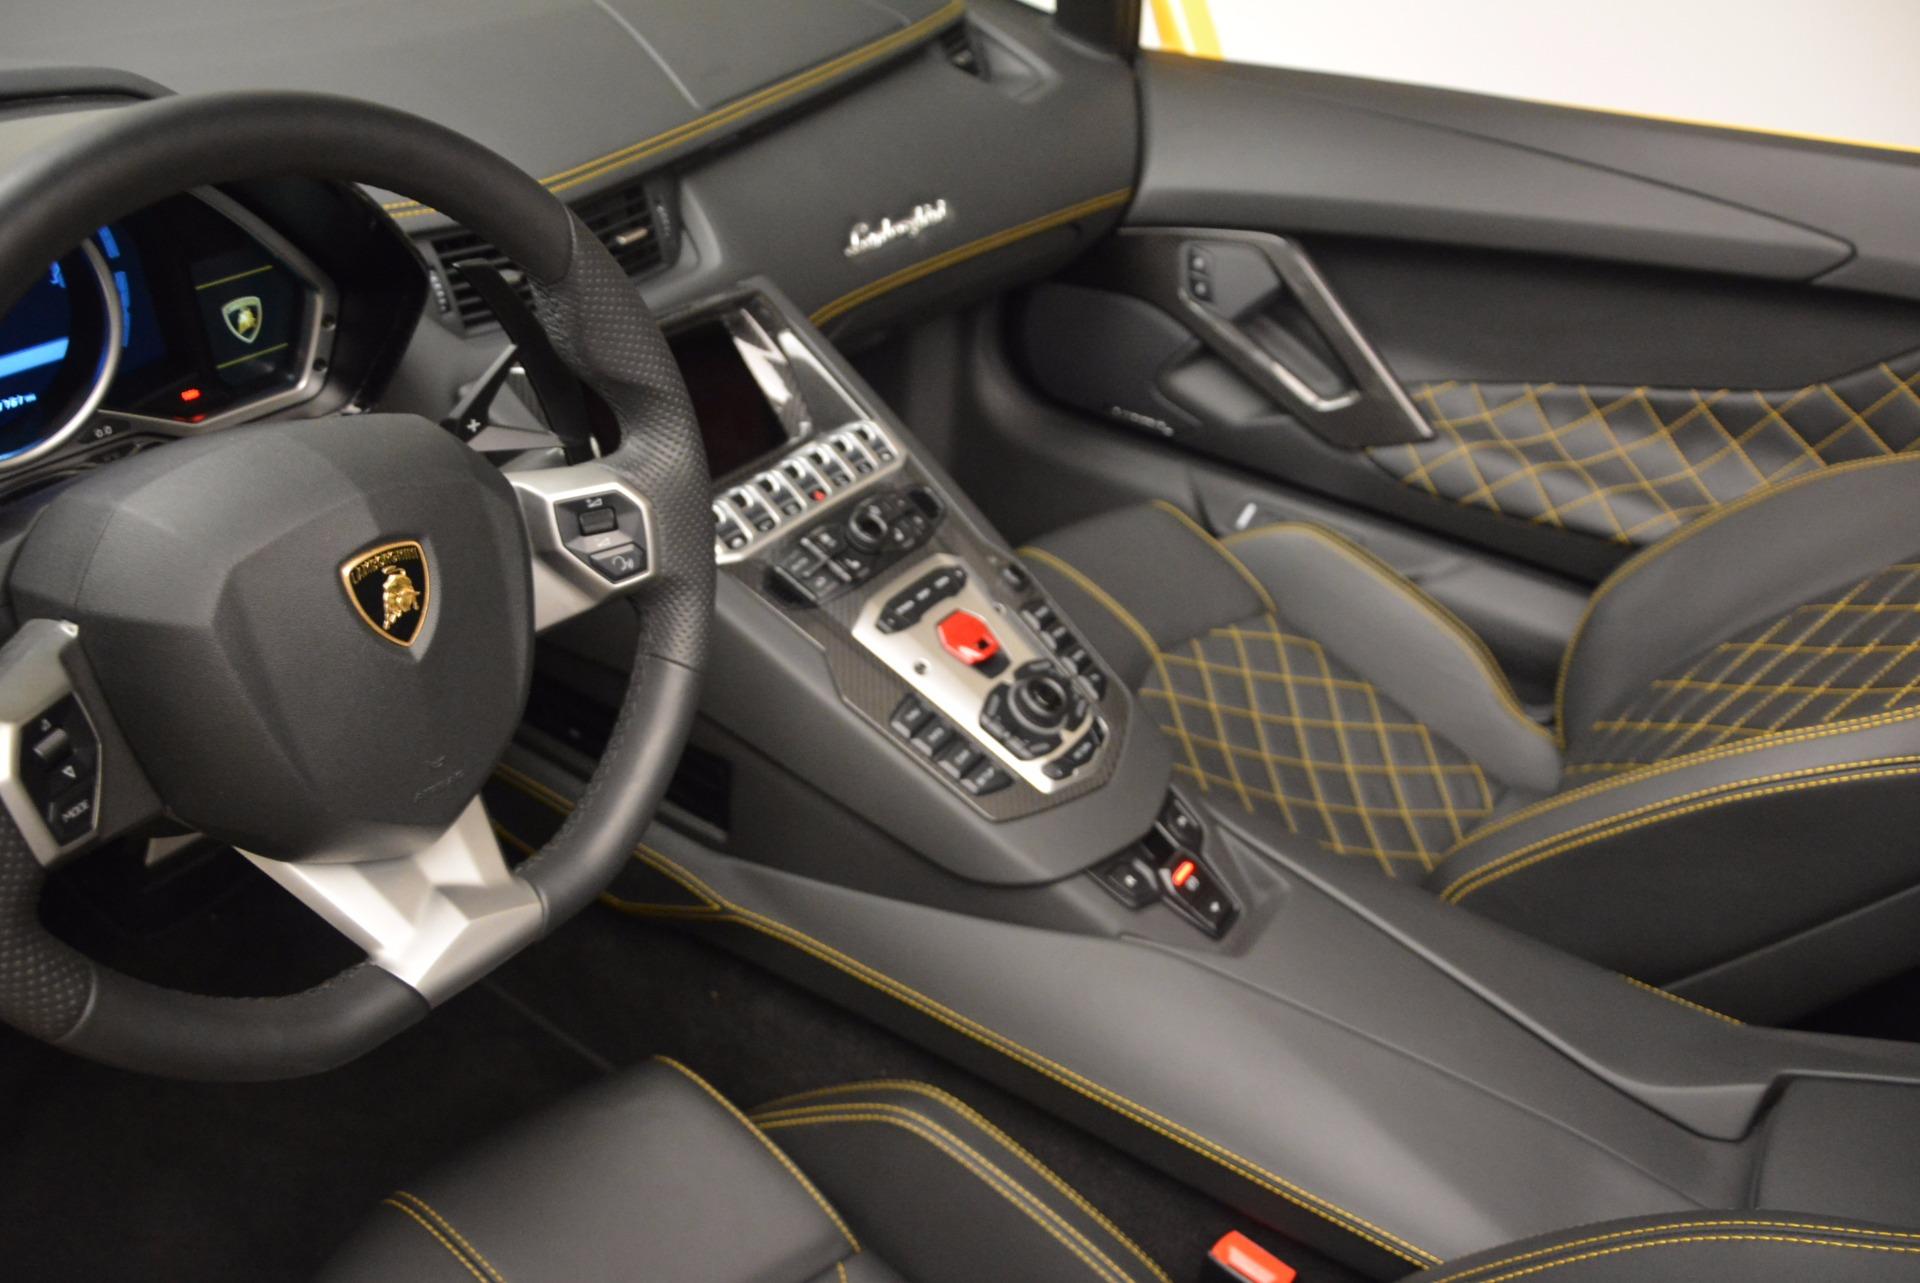 Used 2015 Lamborghini Aventador LP 700-4 Roadster For Sale In Greenwich, CT 1774_p19